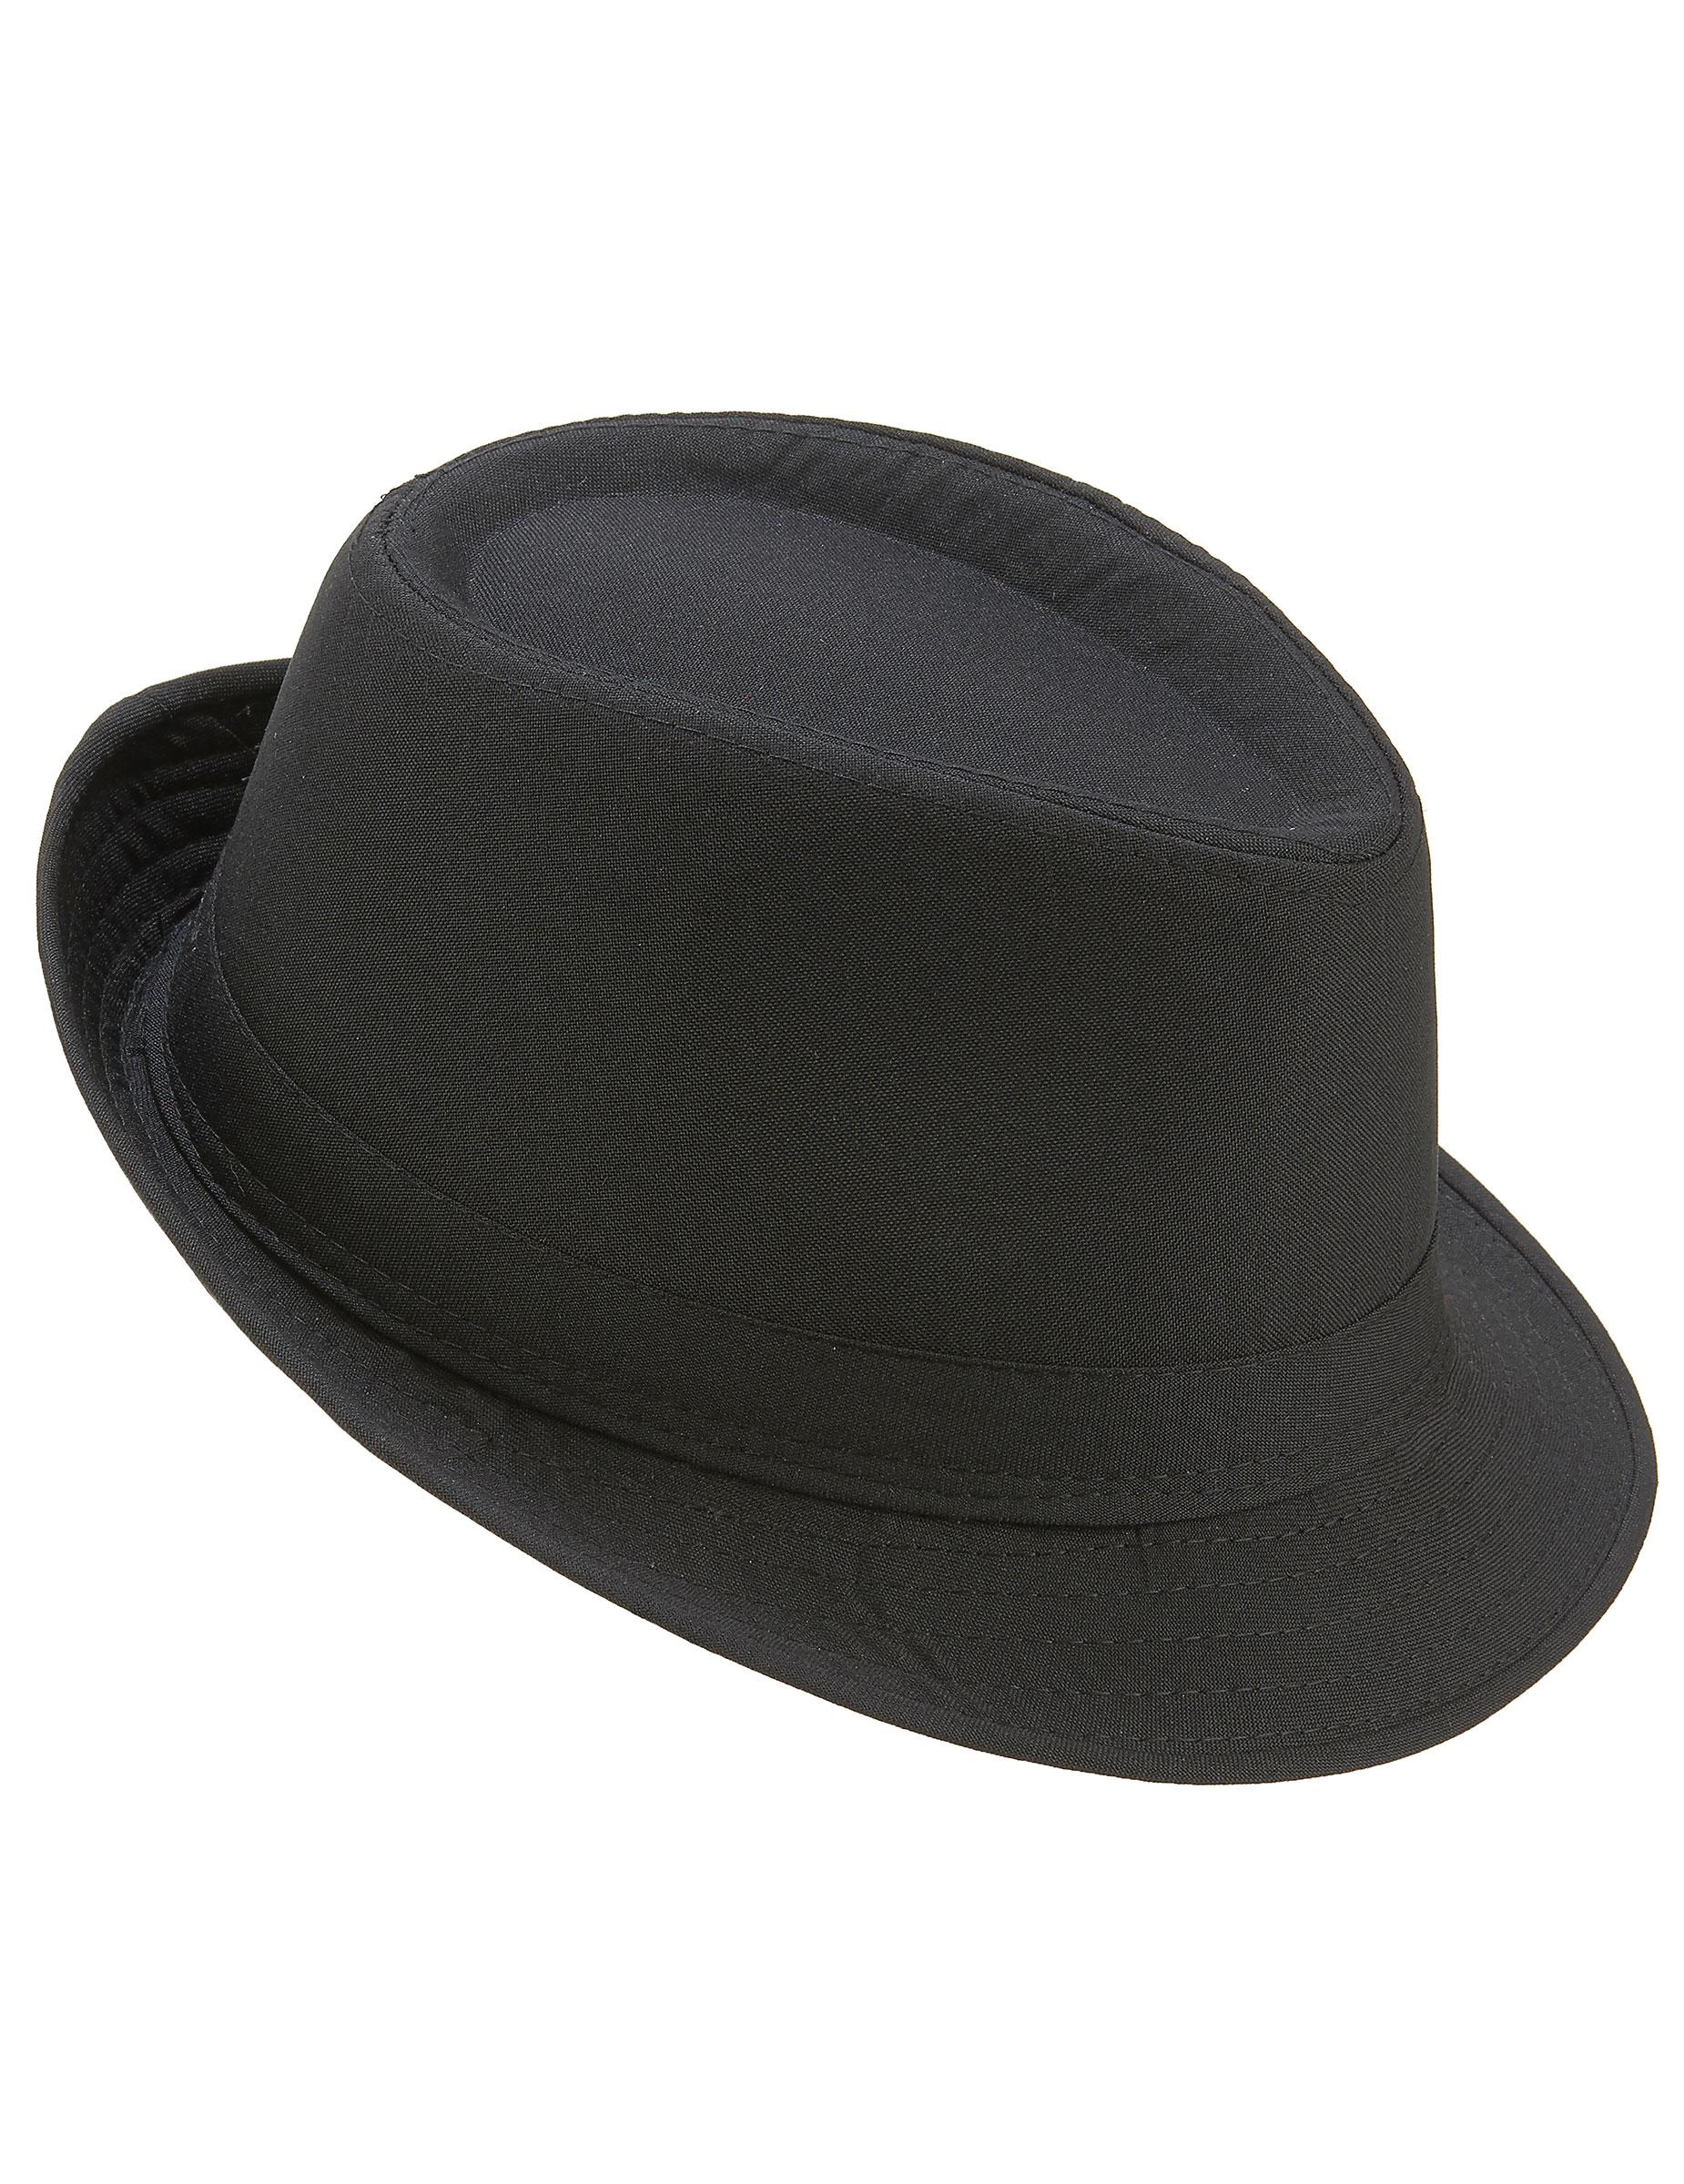 Sombrero borsalino negro adulto  Sombreros 79bfcfd5409